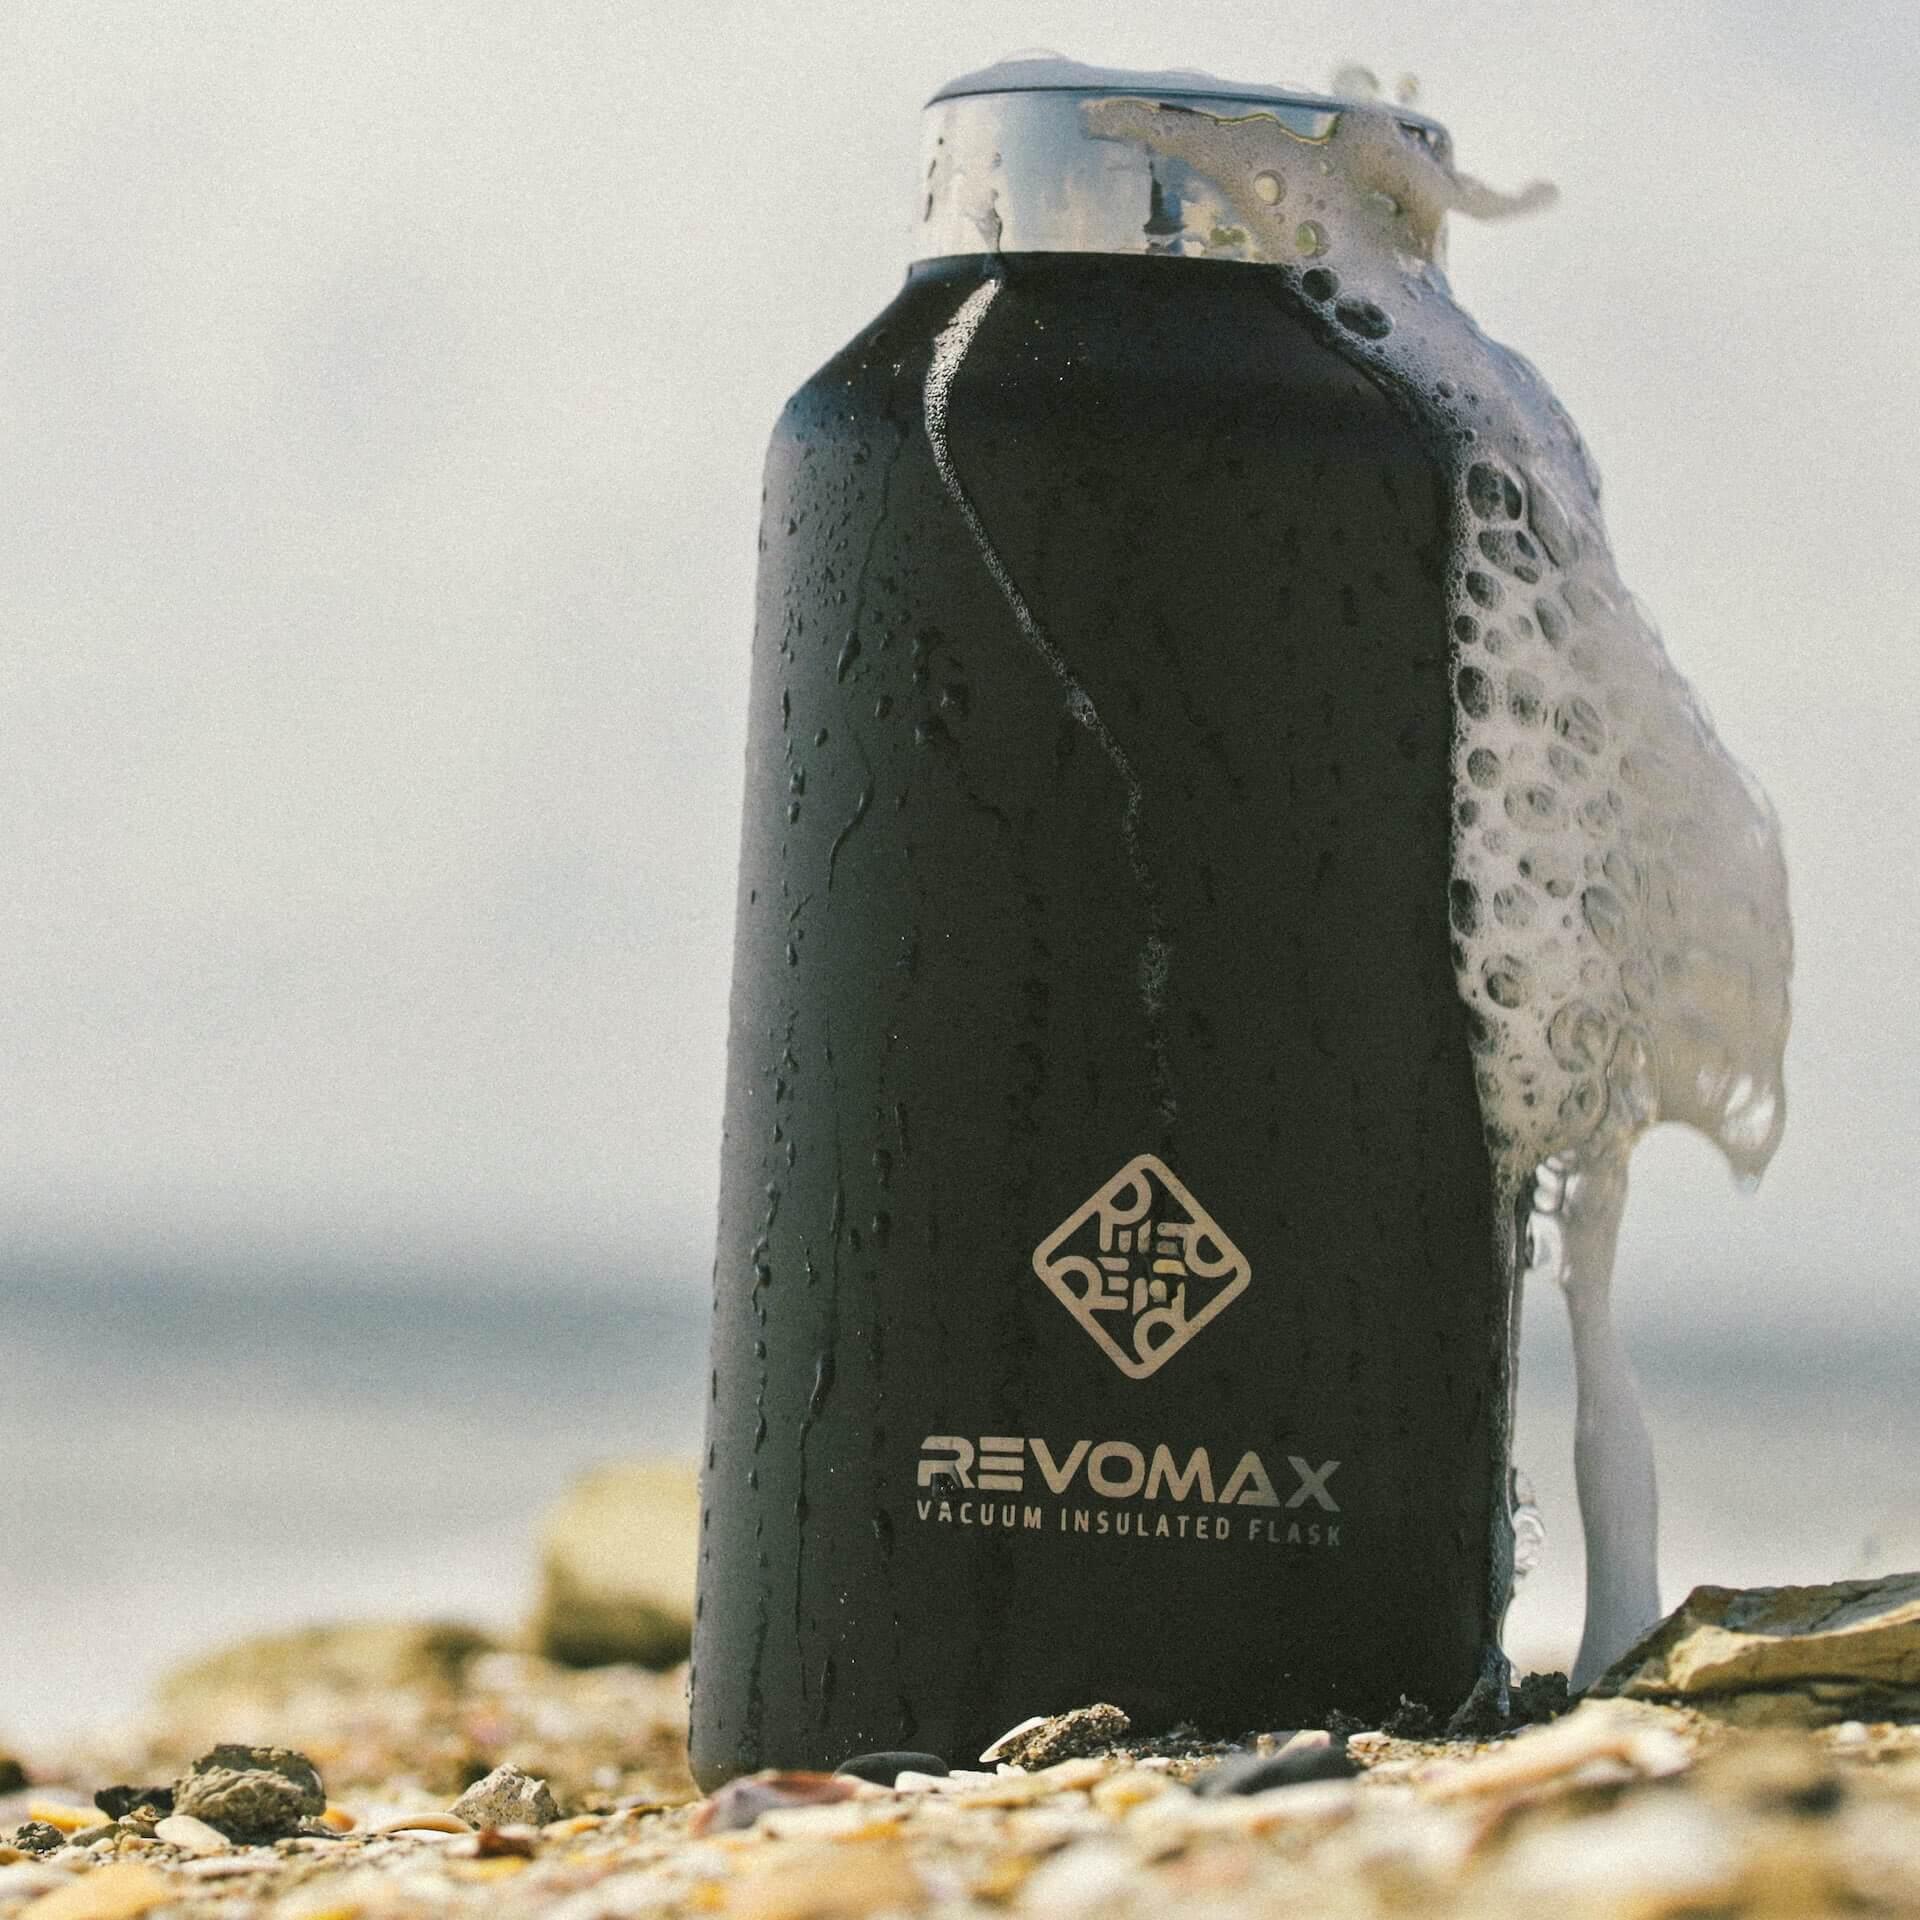 炭酸が入れられるボトル『REVOMAX』で冷えたビールをテイクアウトしよう!全国の量り売り店舗を紹介するmapも公開 gourmet_200701_revomax_beer_05